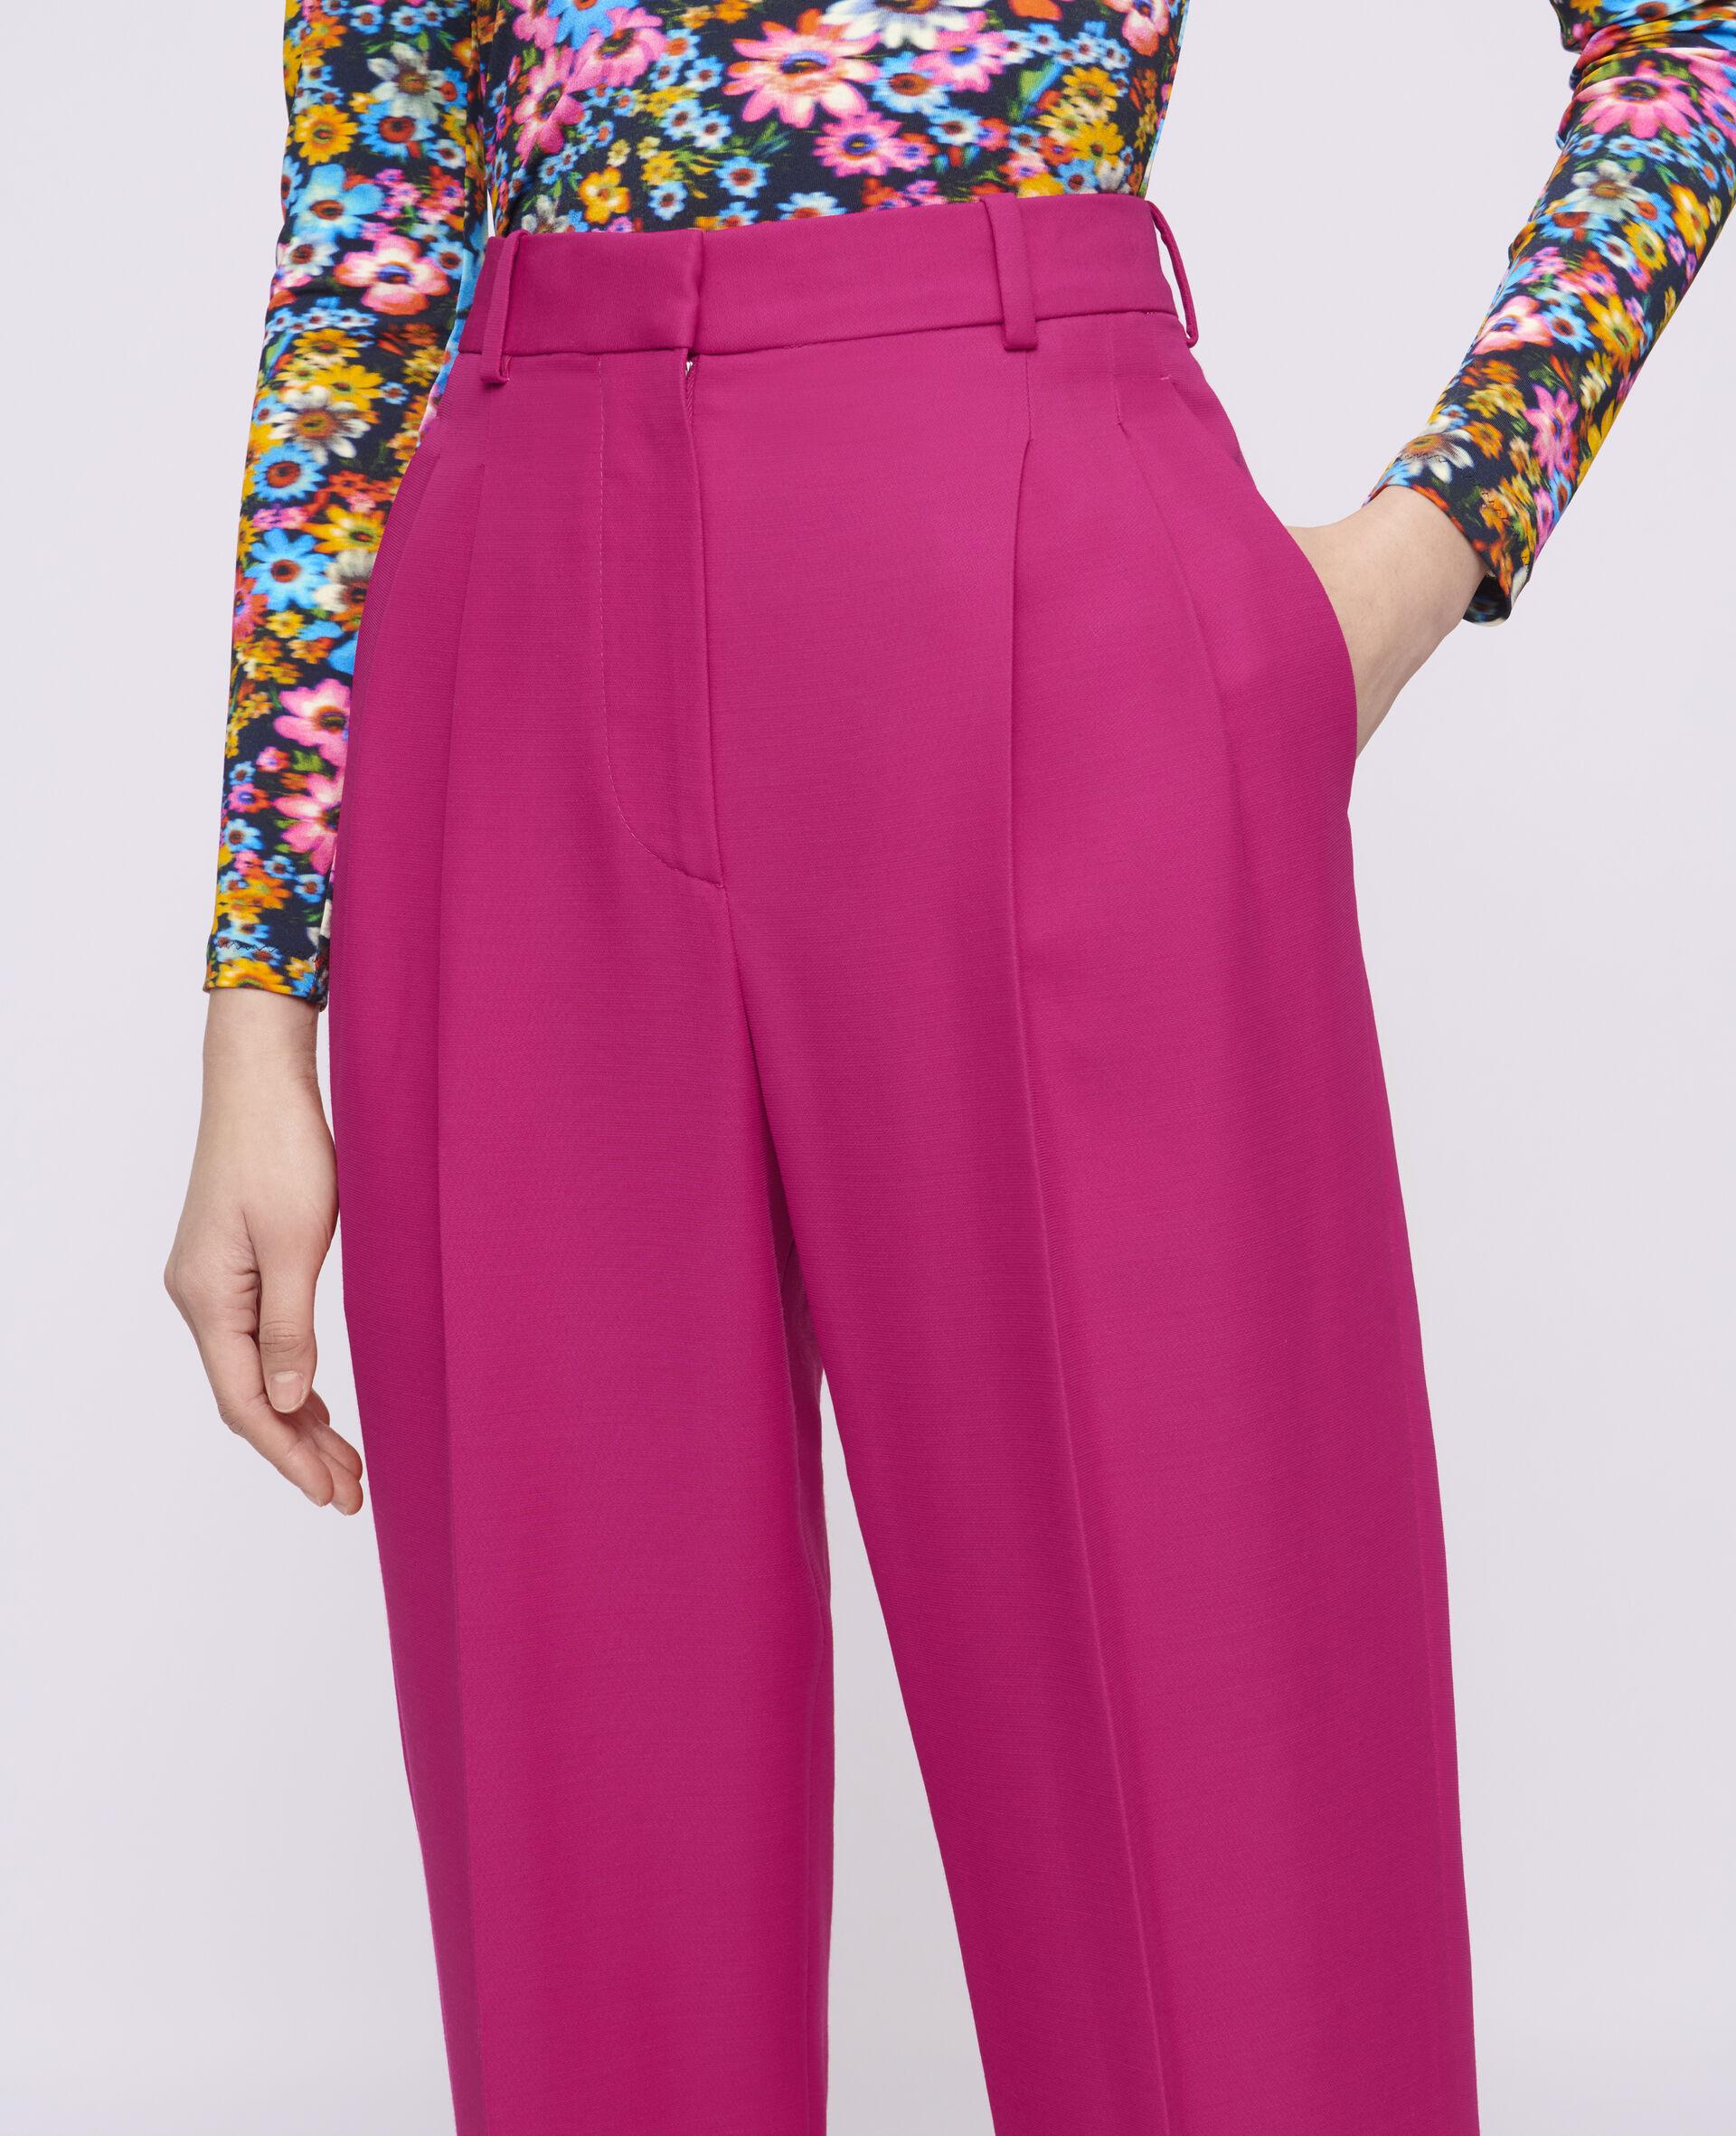 Lara Trousers-Pink-large image number 3